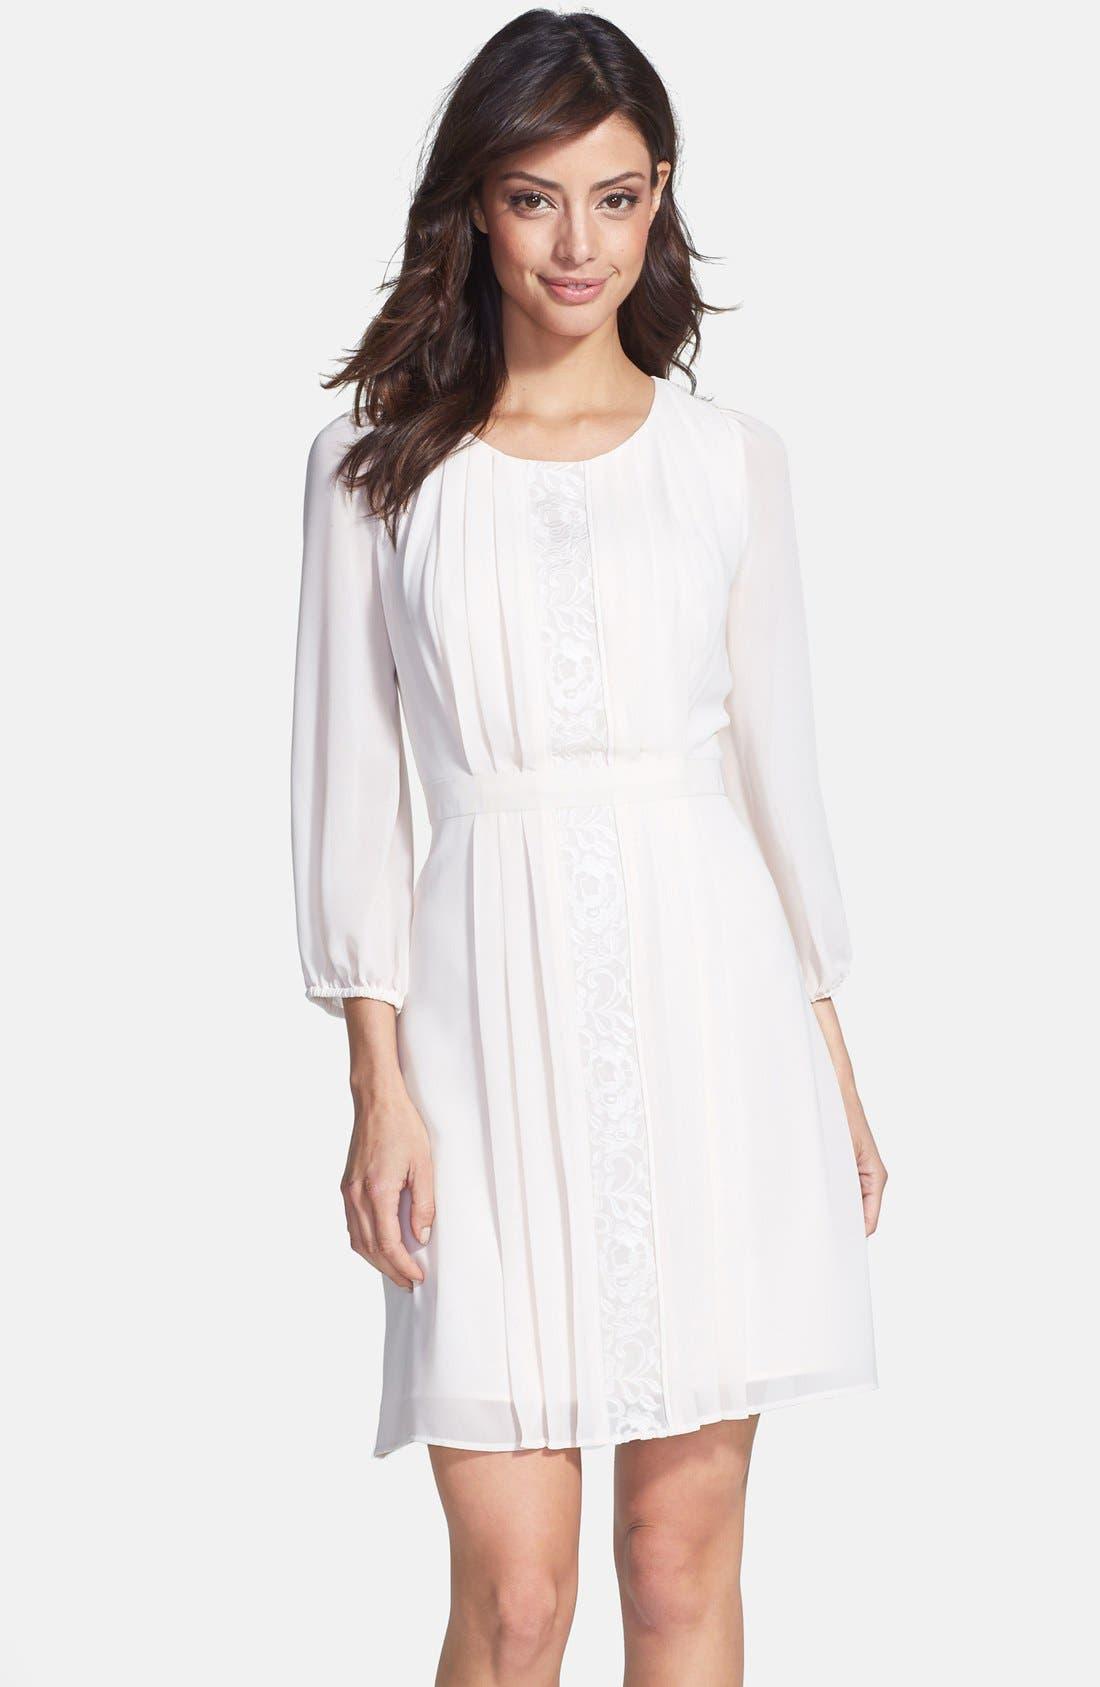 Main Image - Jessica Simpson Chiffon Blouson Dress